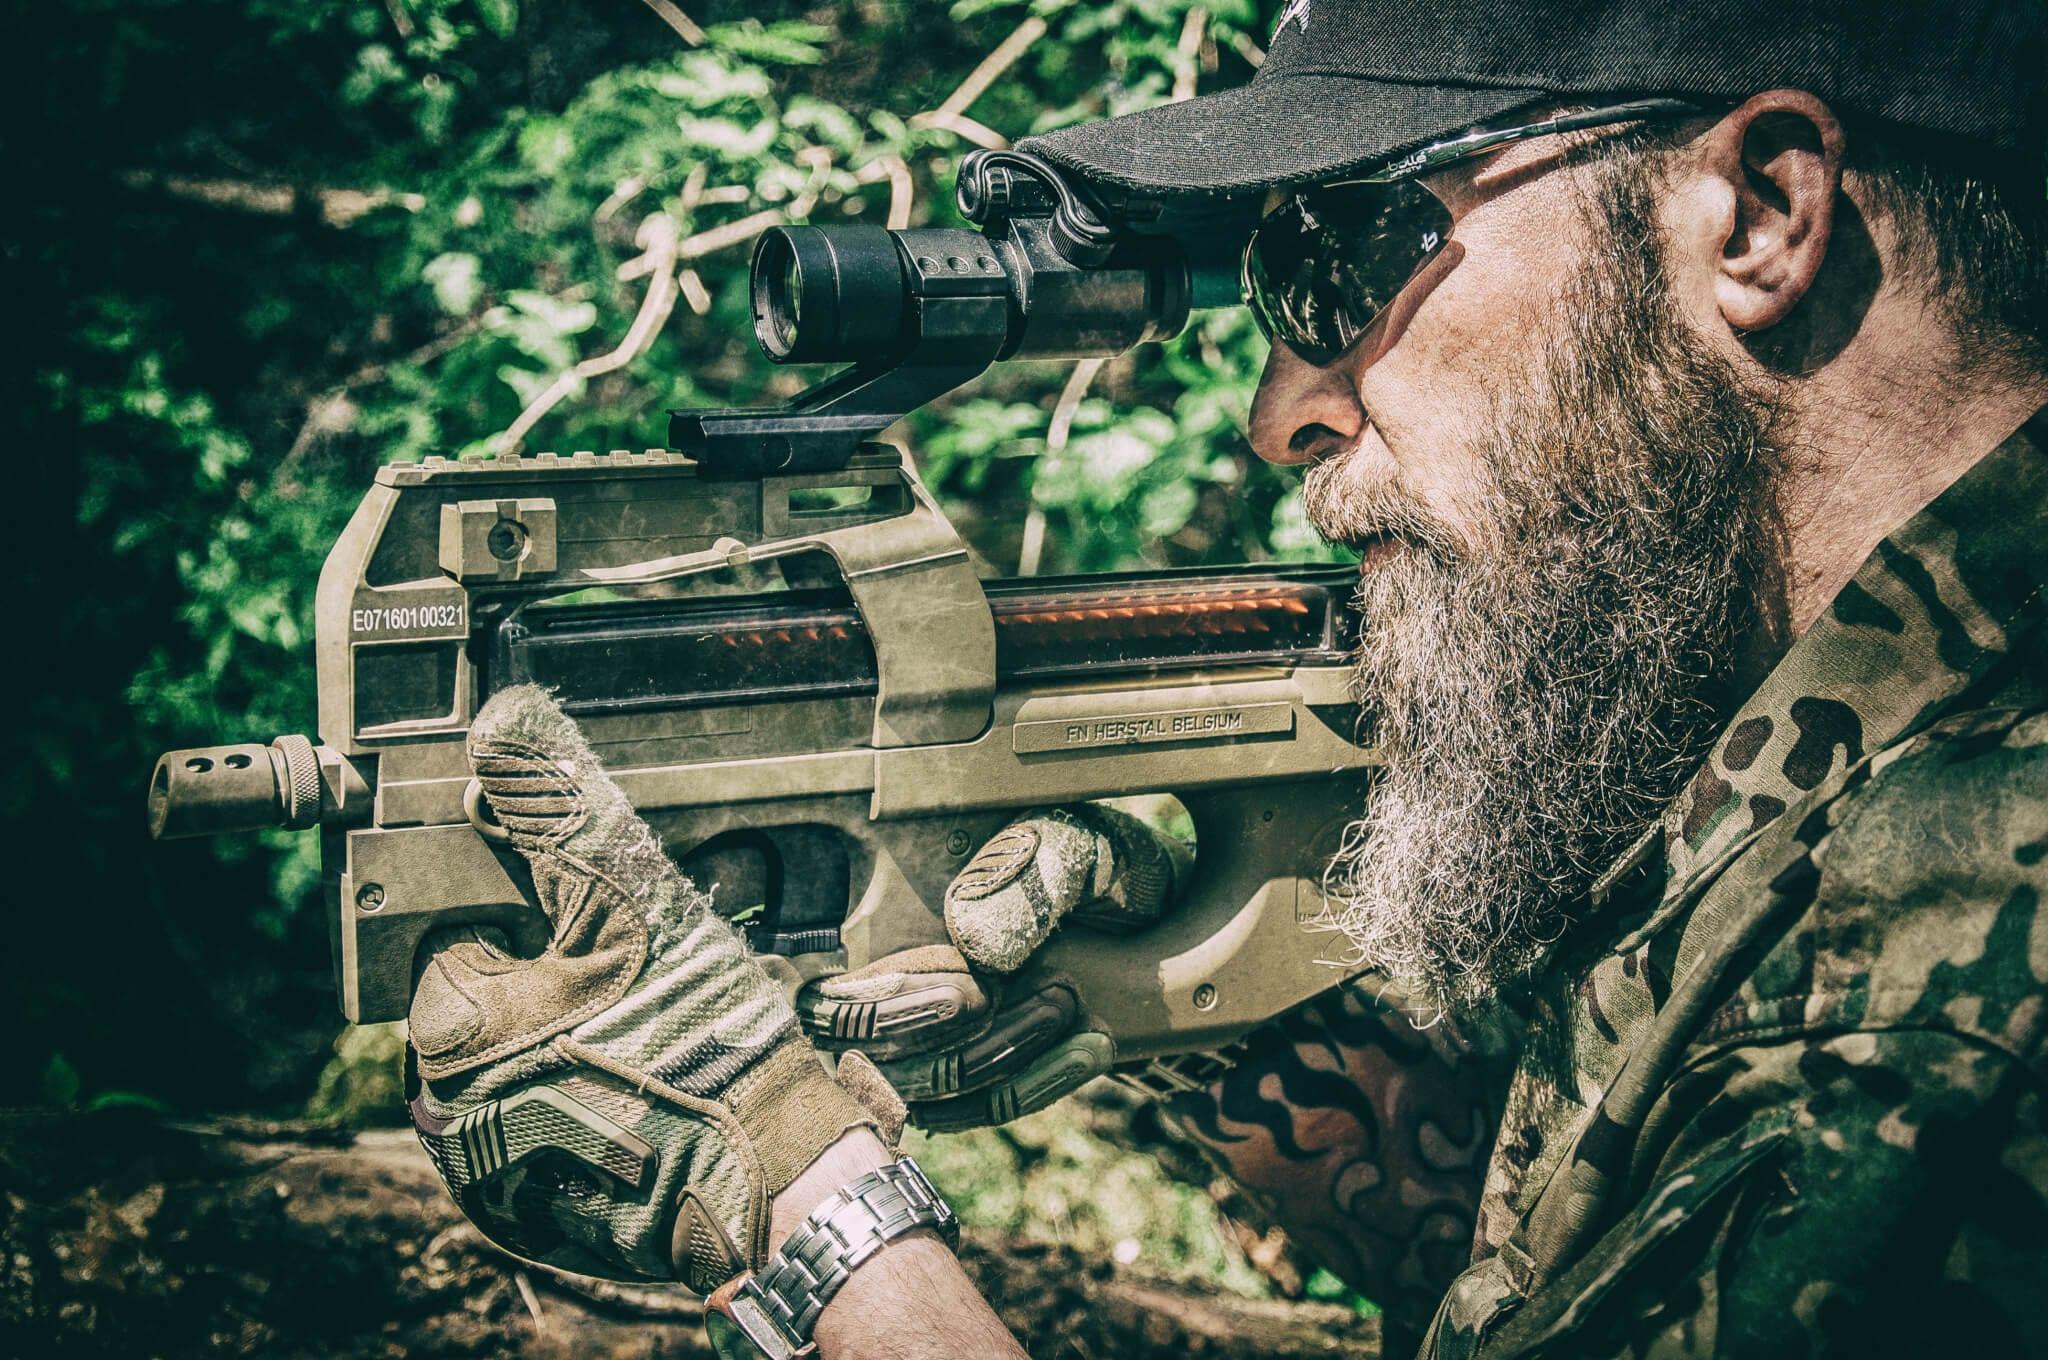 Replika AEG FN P90 marki Cybergun